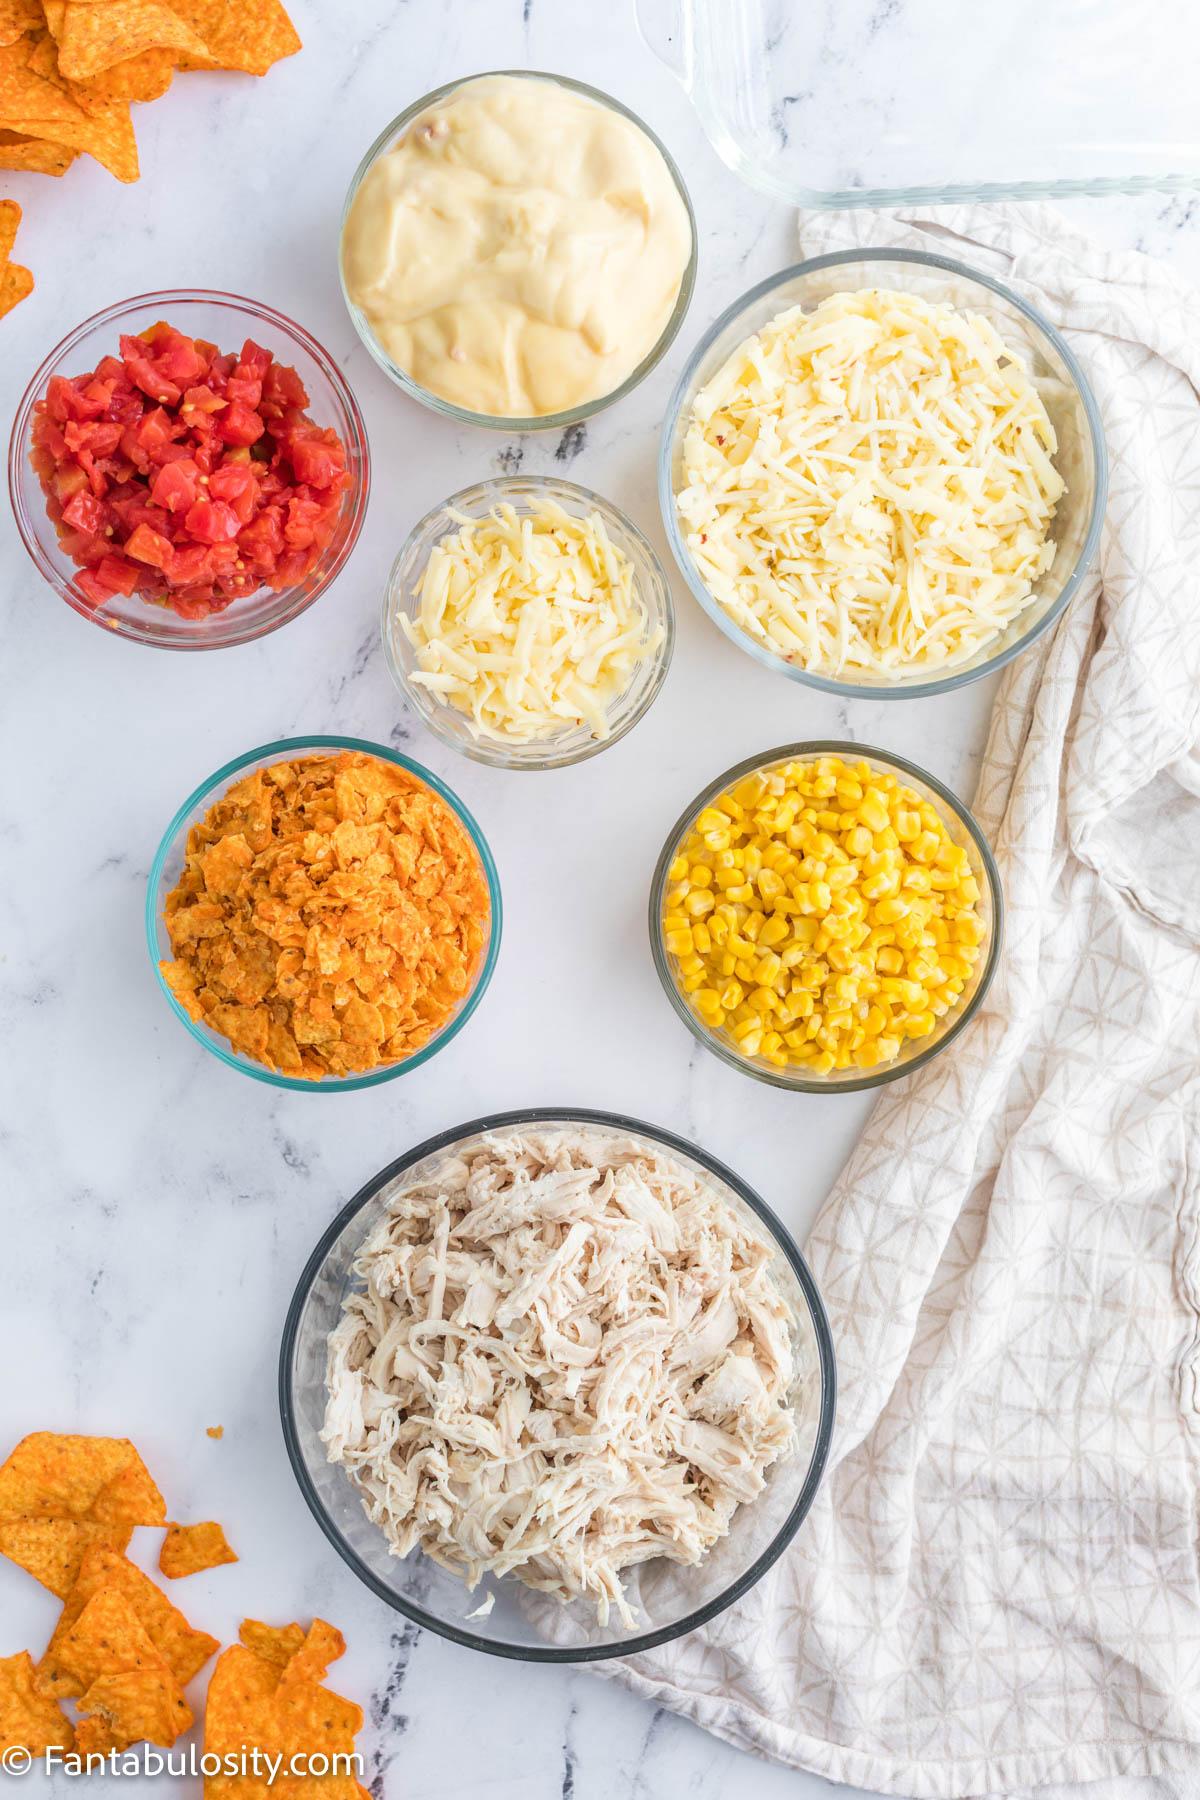 Ingredients for Doritos Chicken Casserole